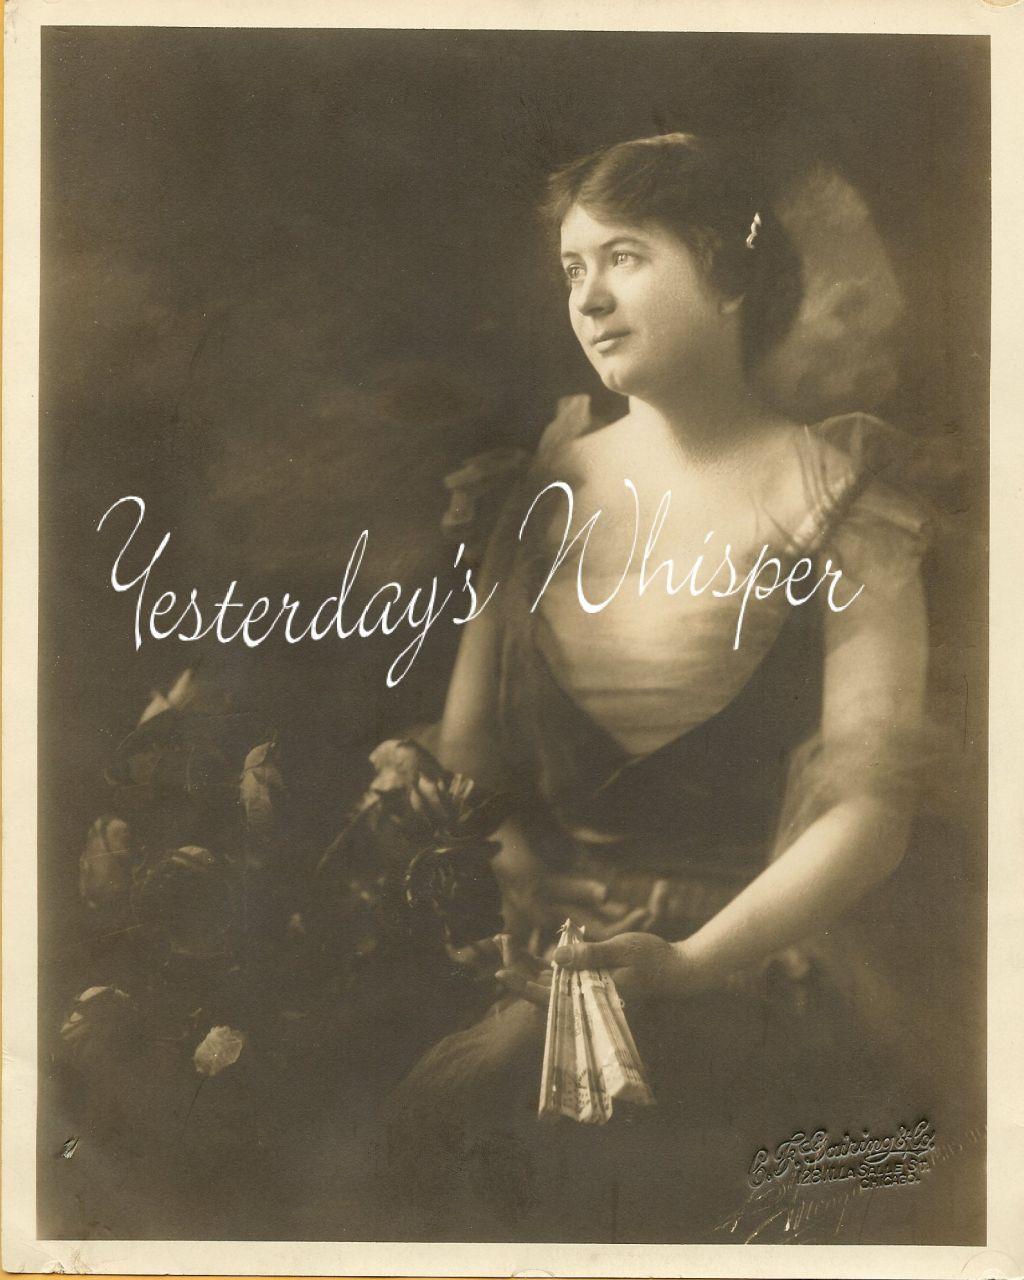 Frances DYER VAUDEVILLE DW ORG C.F. GAIRING & CO PHOTO